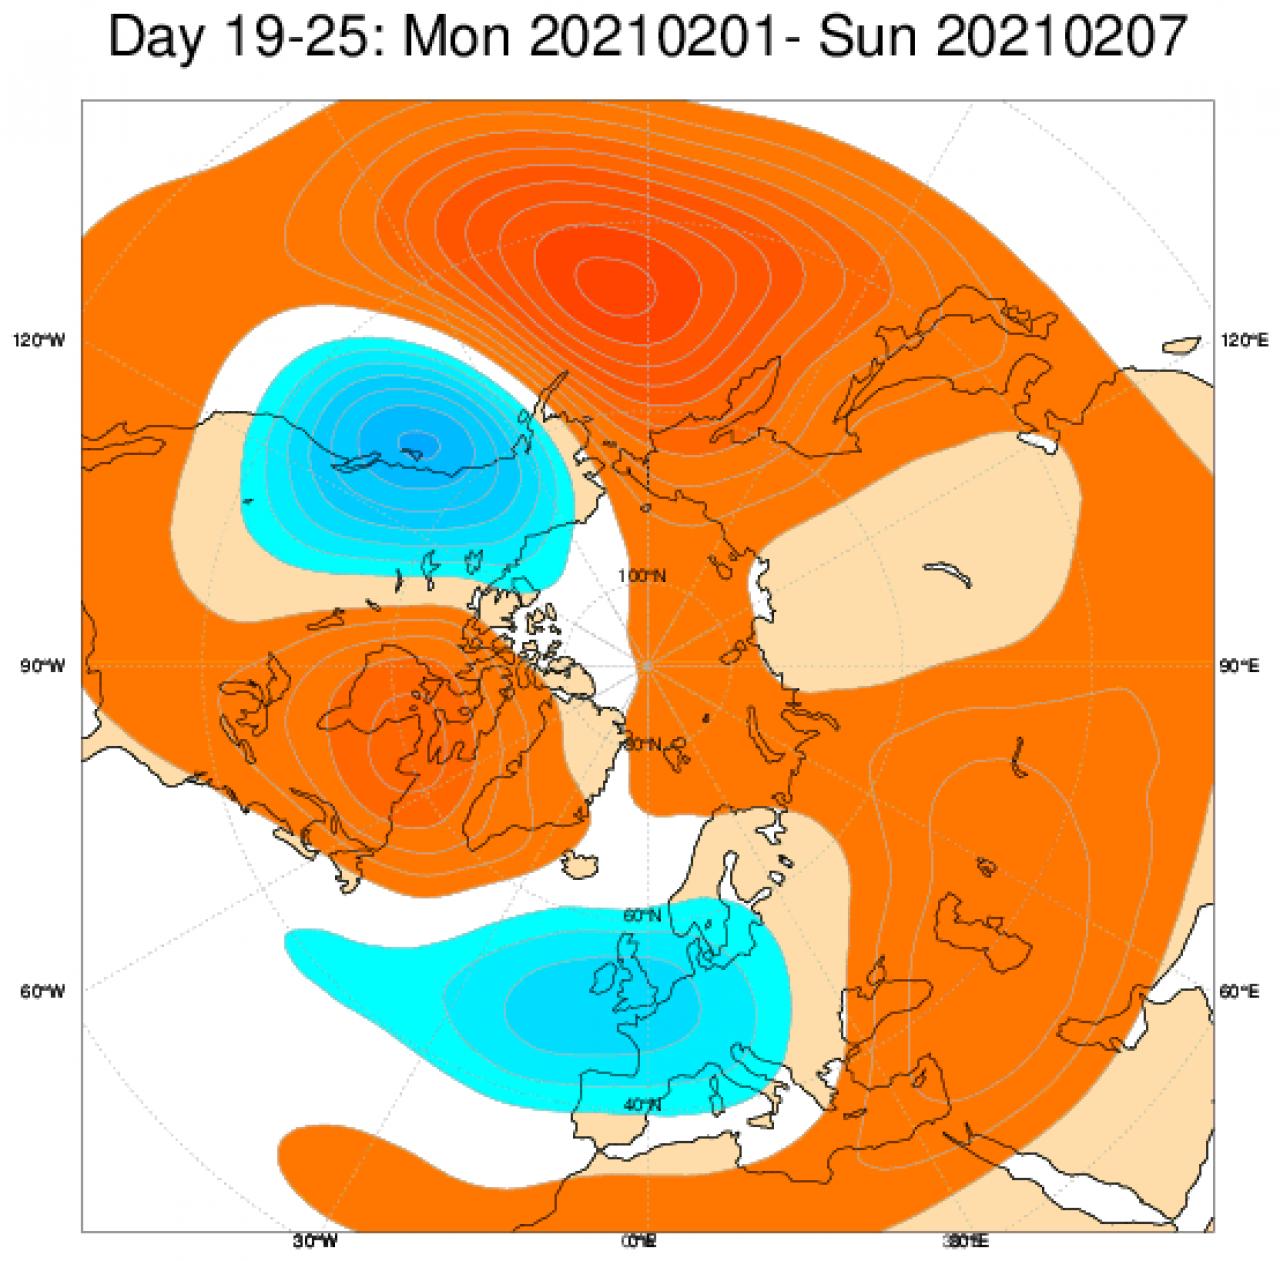 Le anomalie di geopotenziali sull'Europa, secondo il modello ECMWF, mediate sul periodo 1-7 febbraio